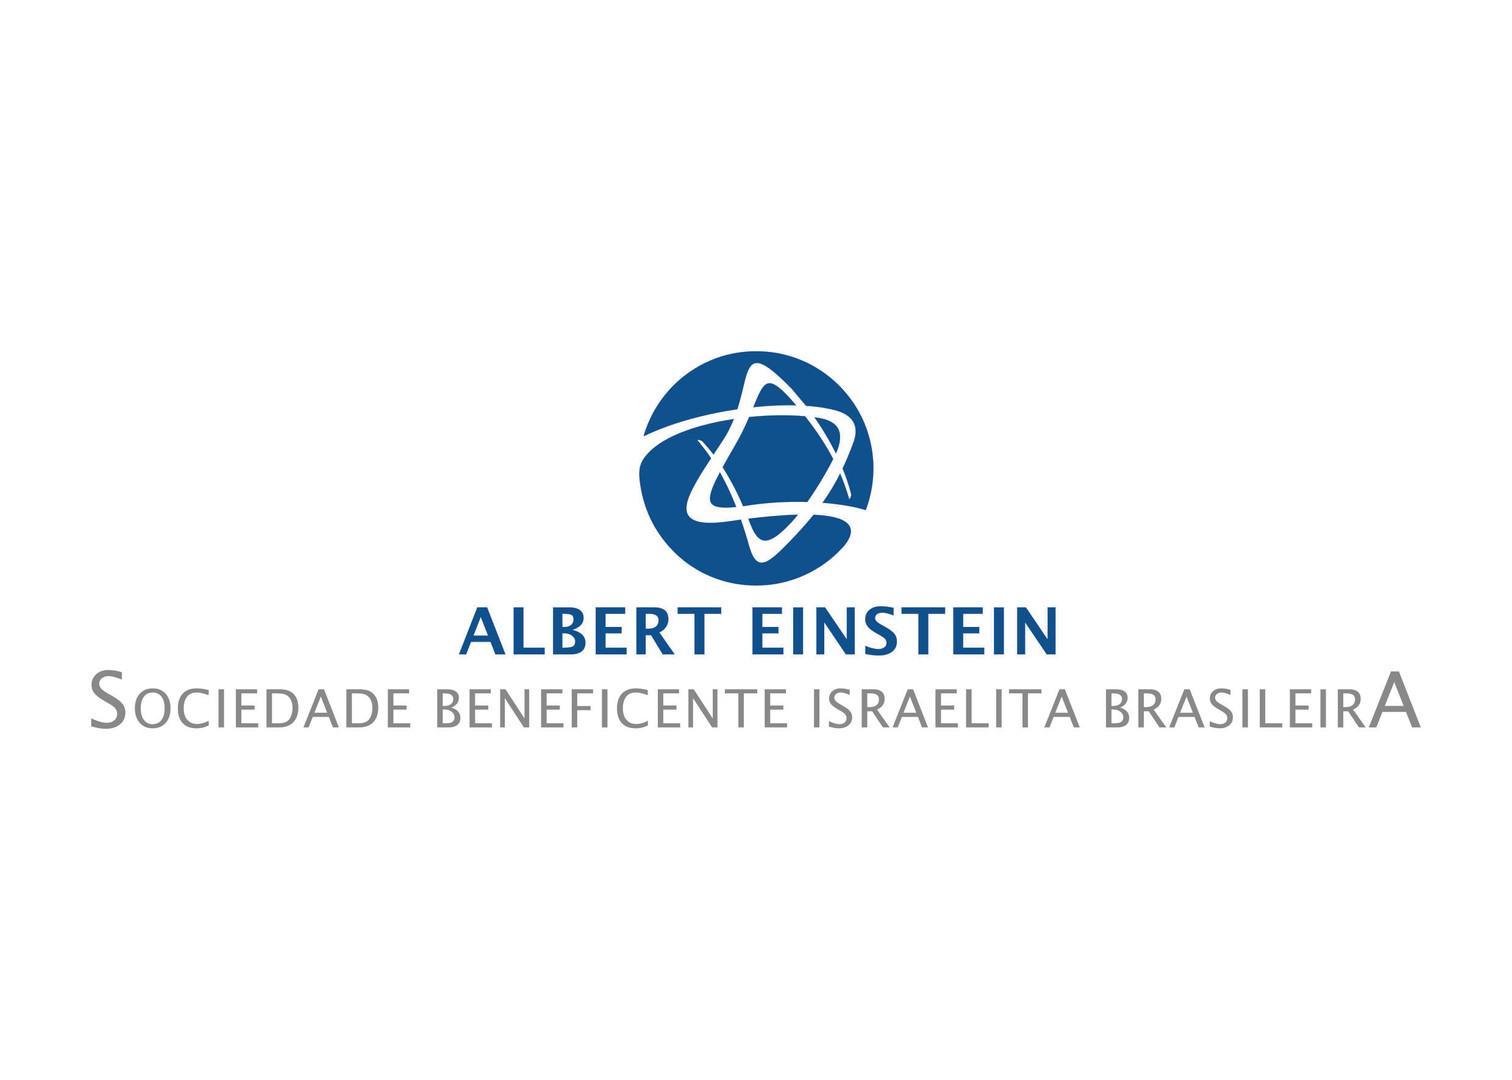 Logos Einstein-8 copy.jpg